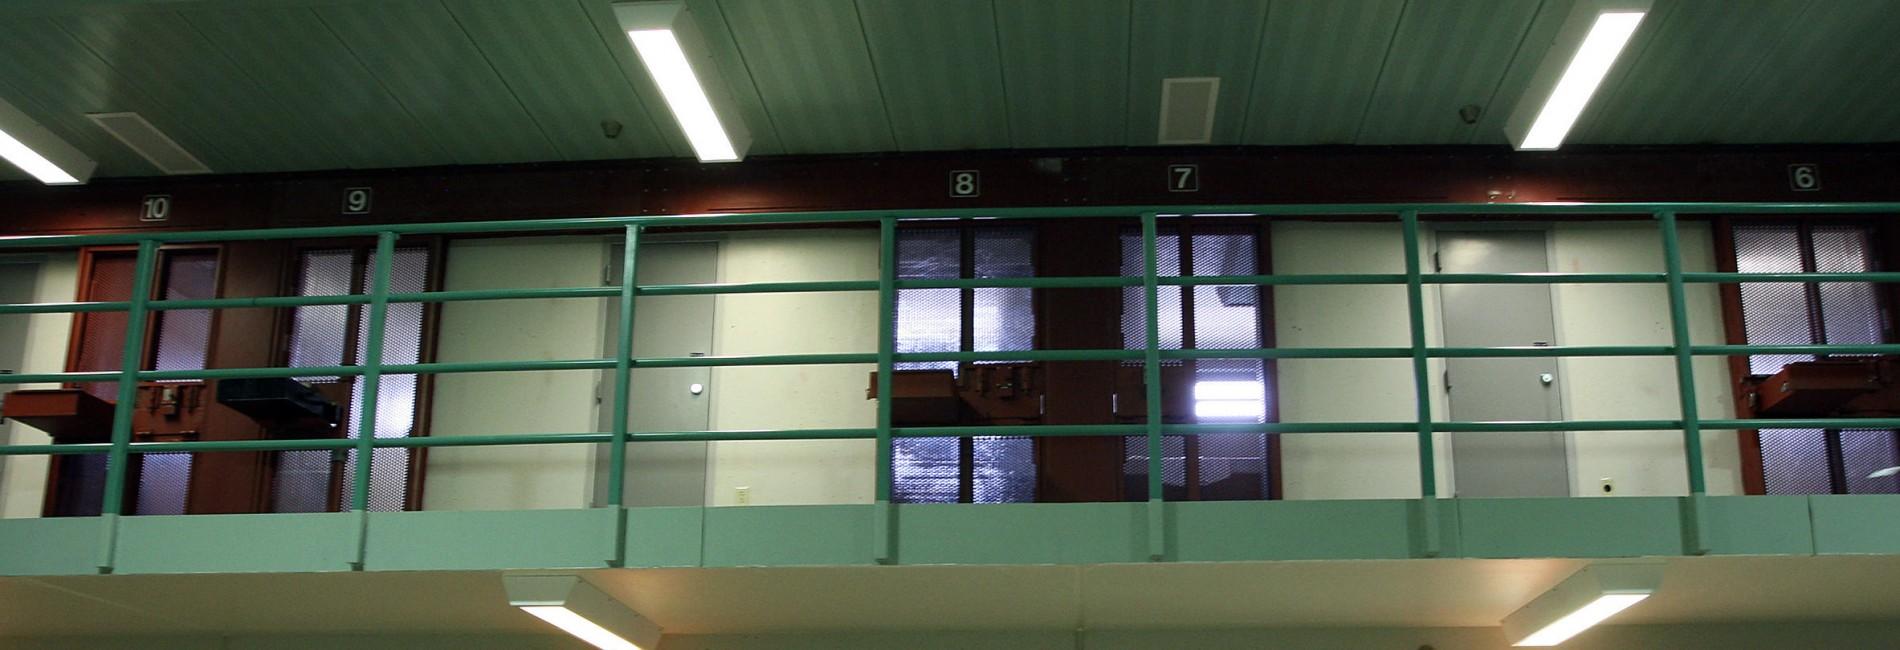 tamms-prison-landov